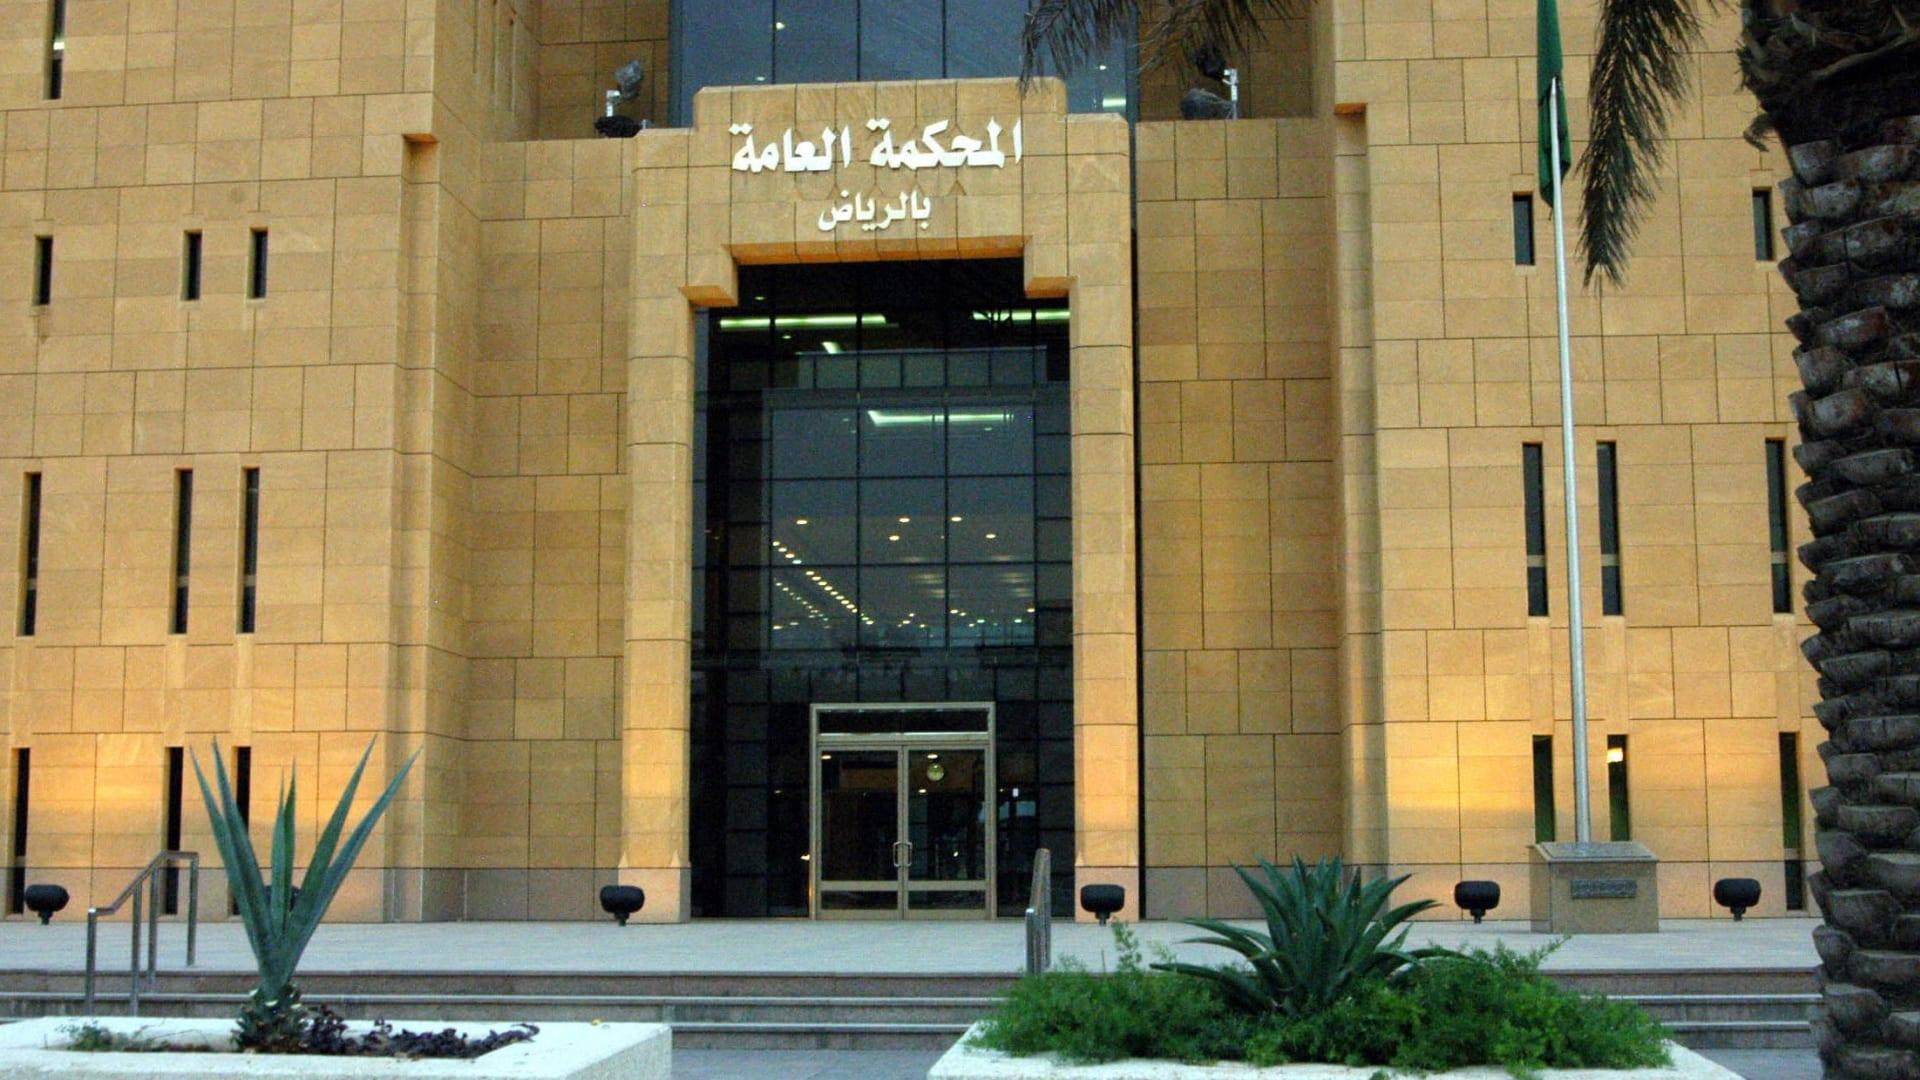 محاكم السعودية تتلقى طلبات لاسترداد 4.5 مليار دولار في شهر